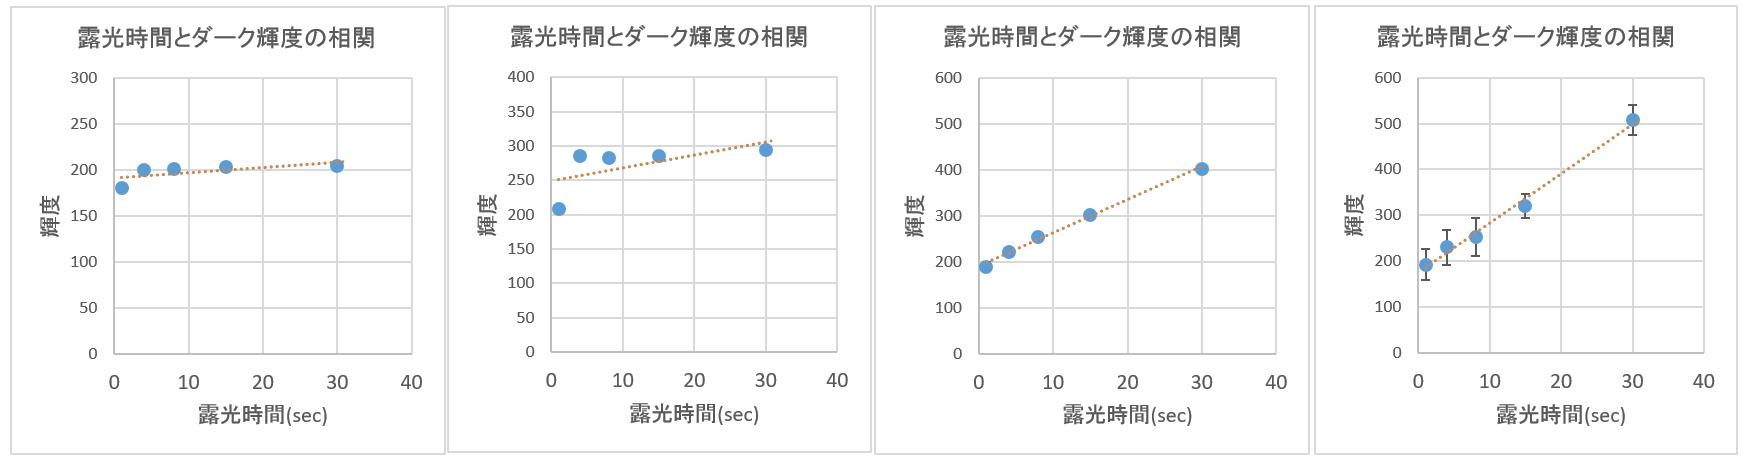 ダークとバイアスの解析ごっこ①_f0346040_02185824.jpg